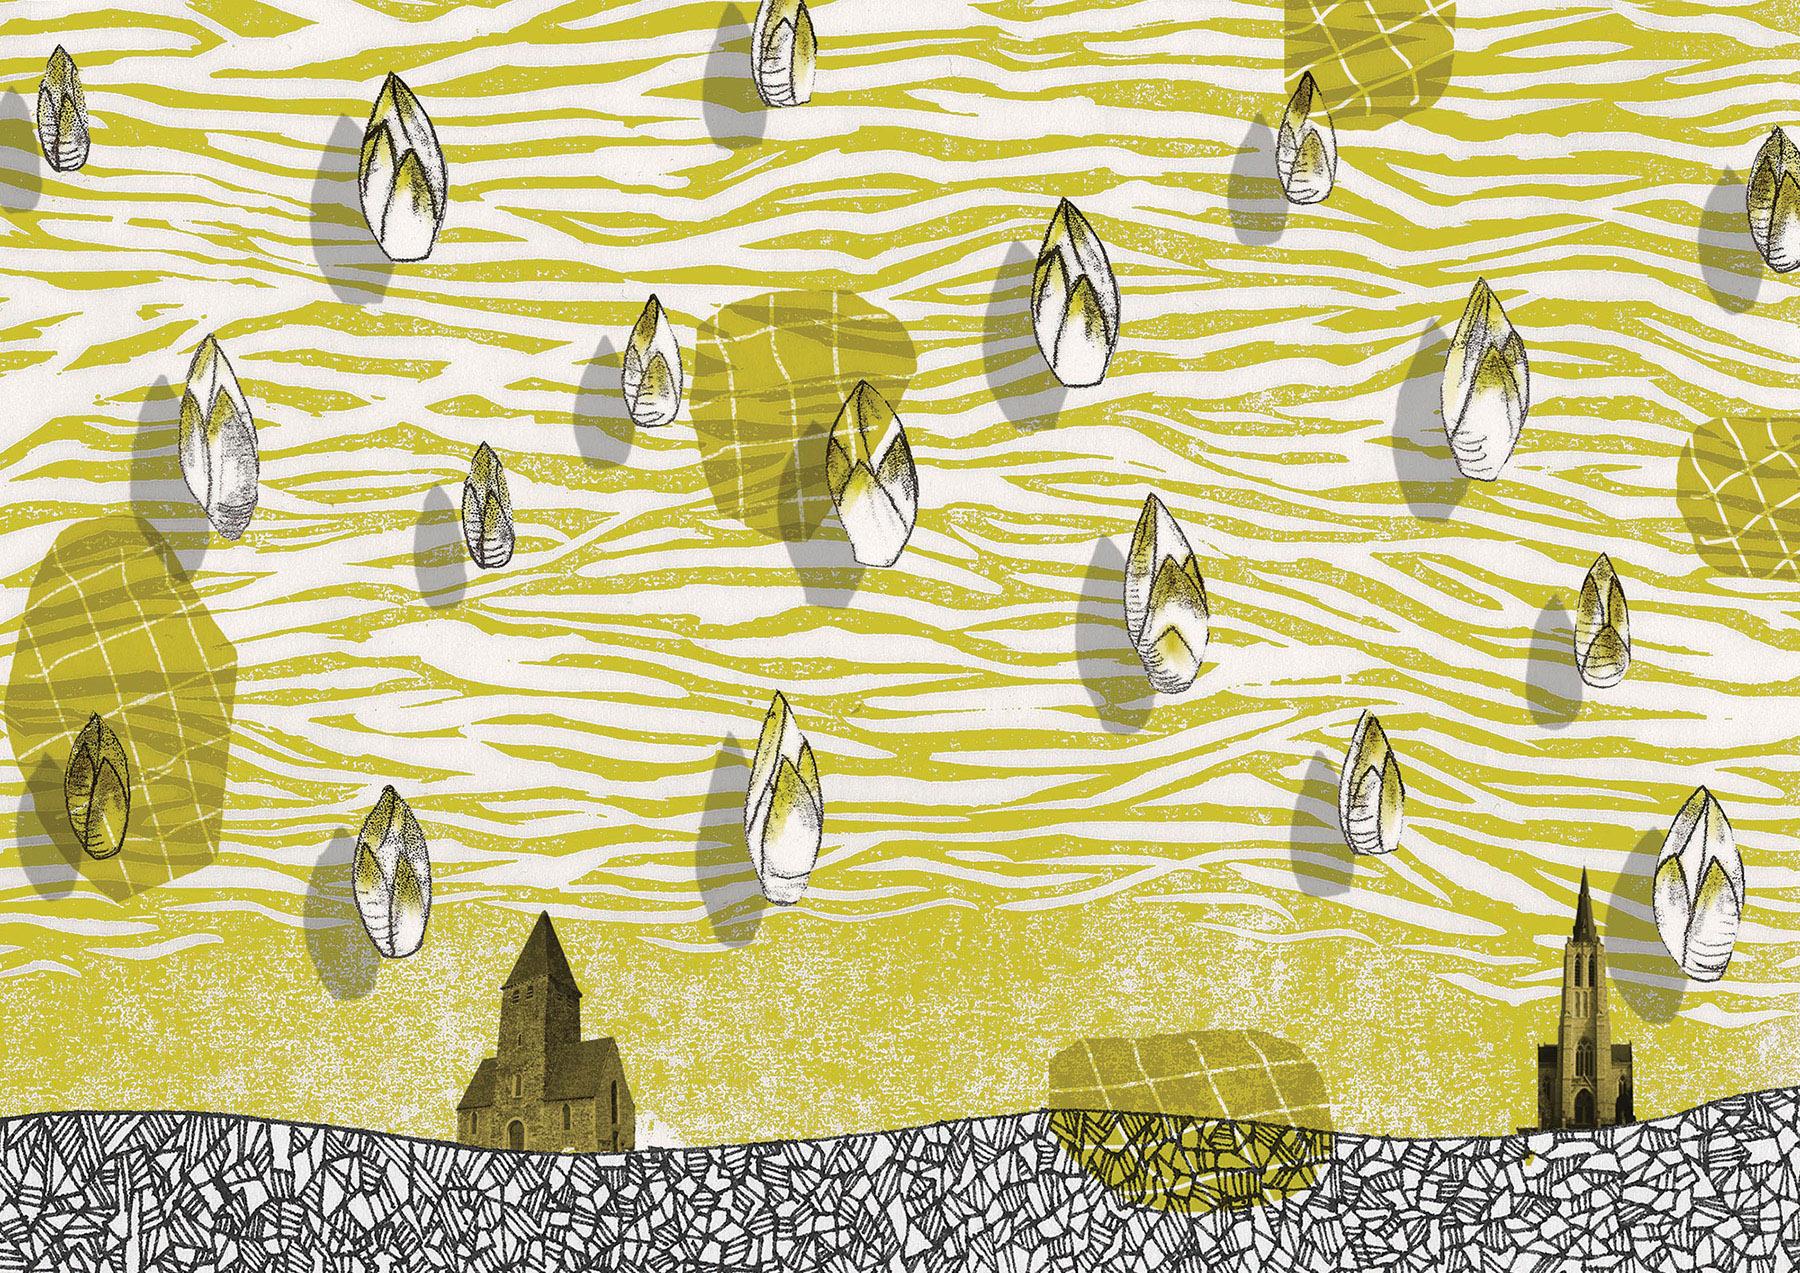 Fusion tö book by tö collective - Creative Work